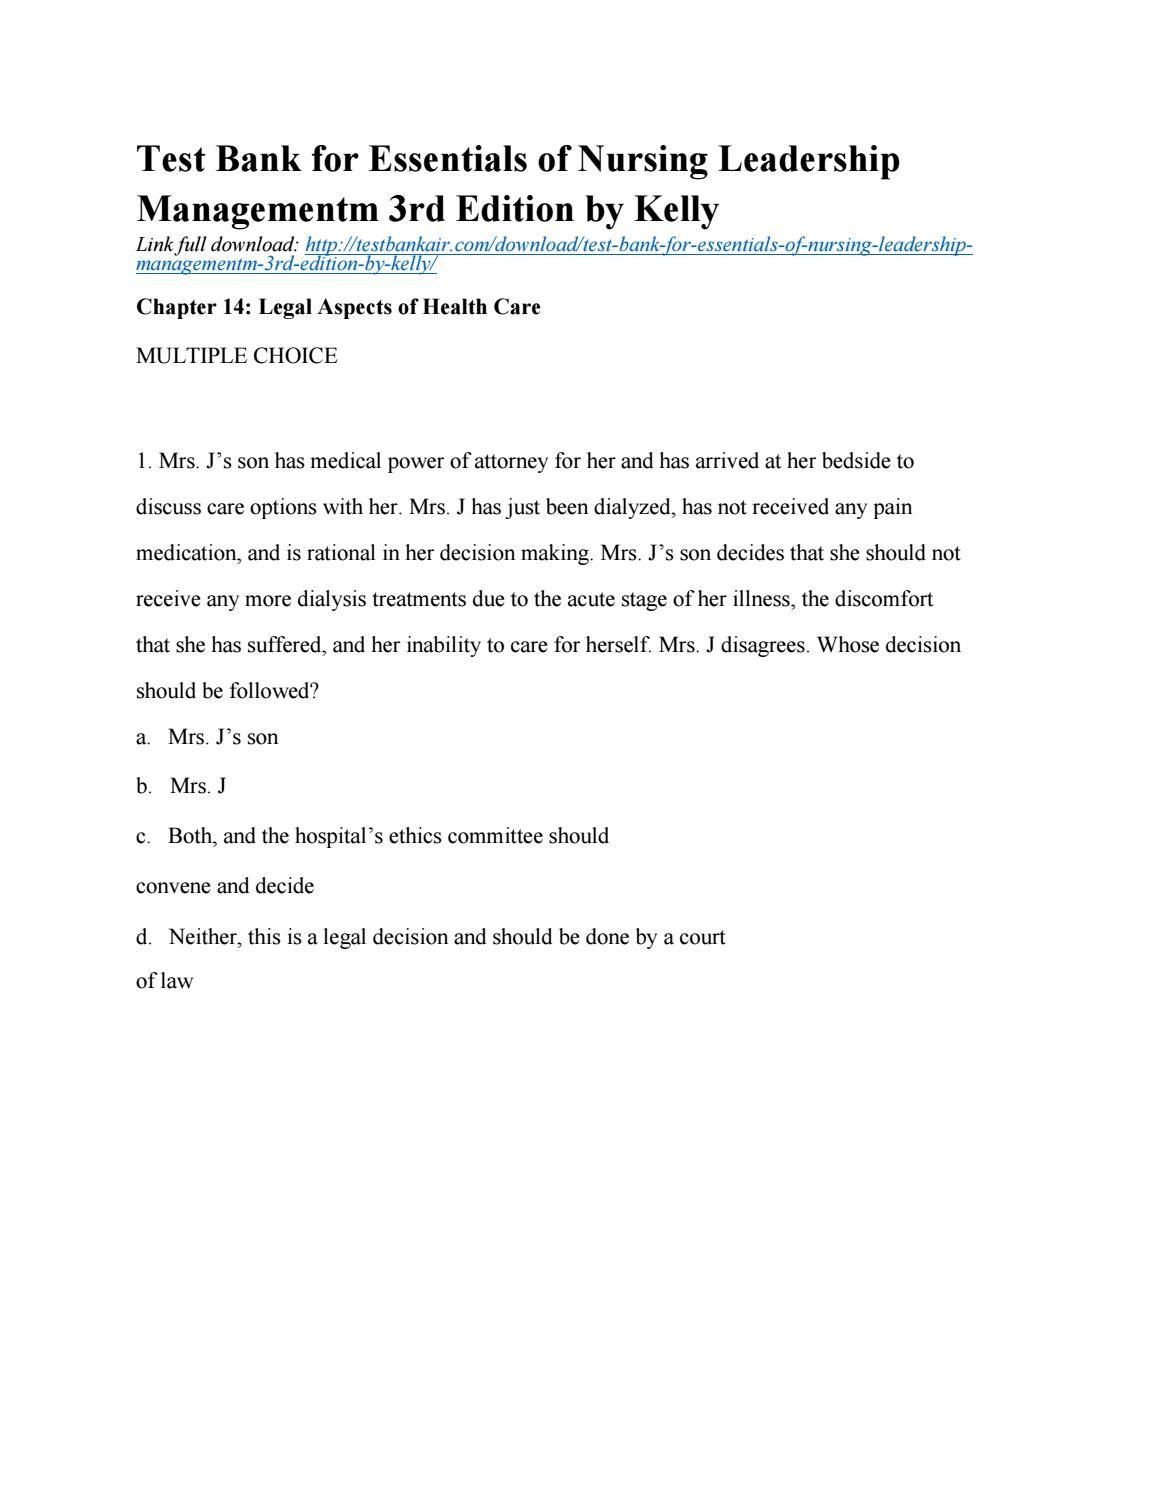 Download test bank for essentials of nursing leadership management ...